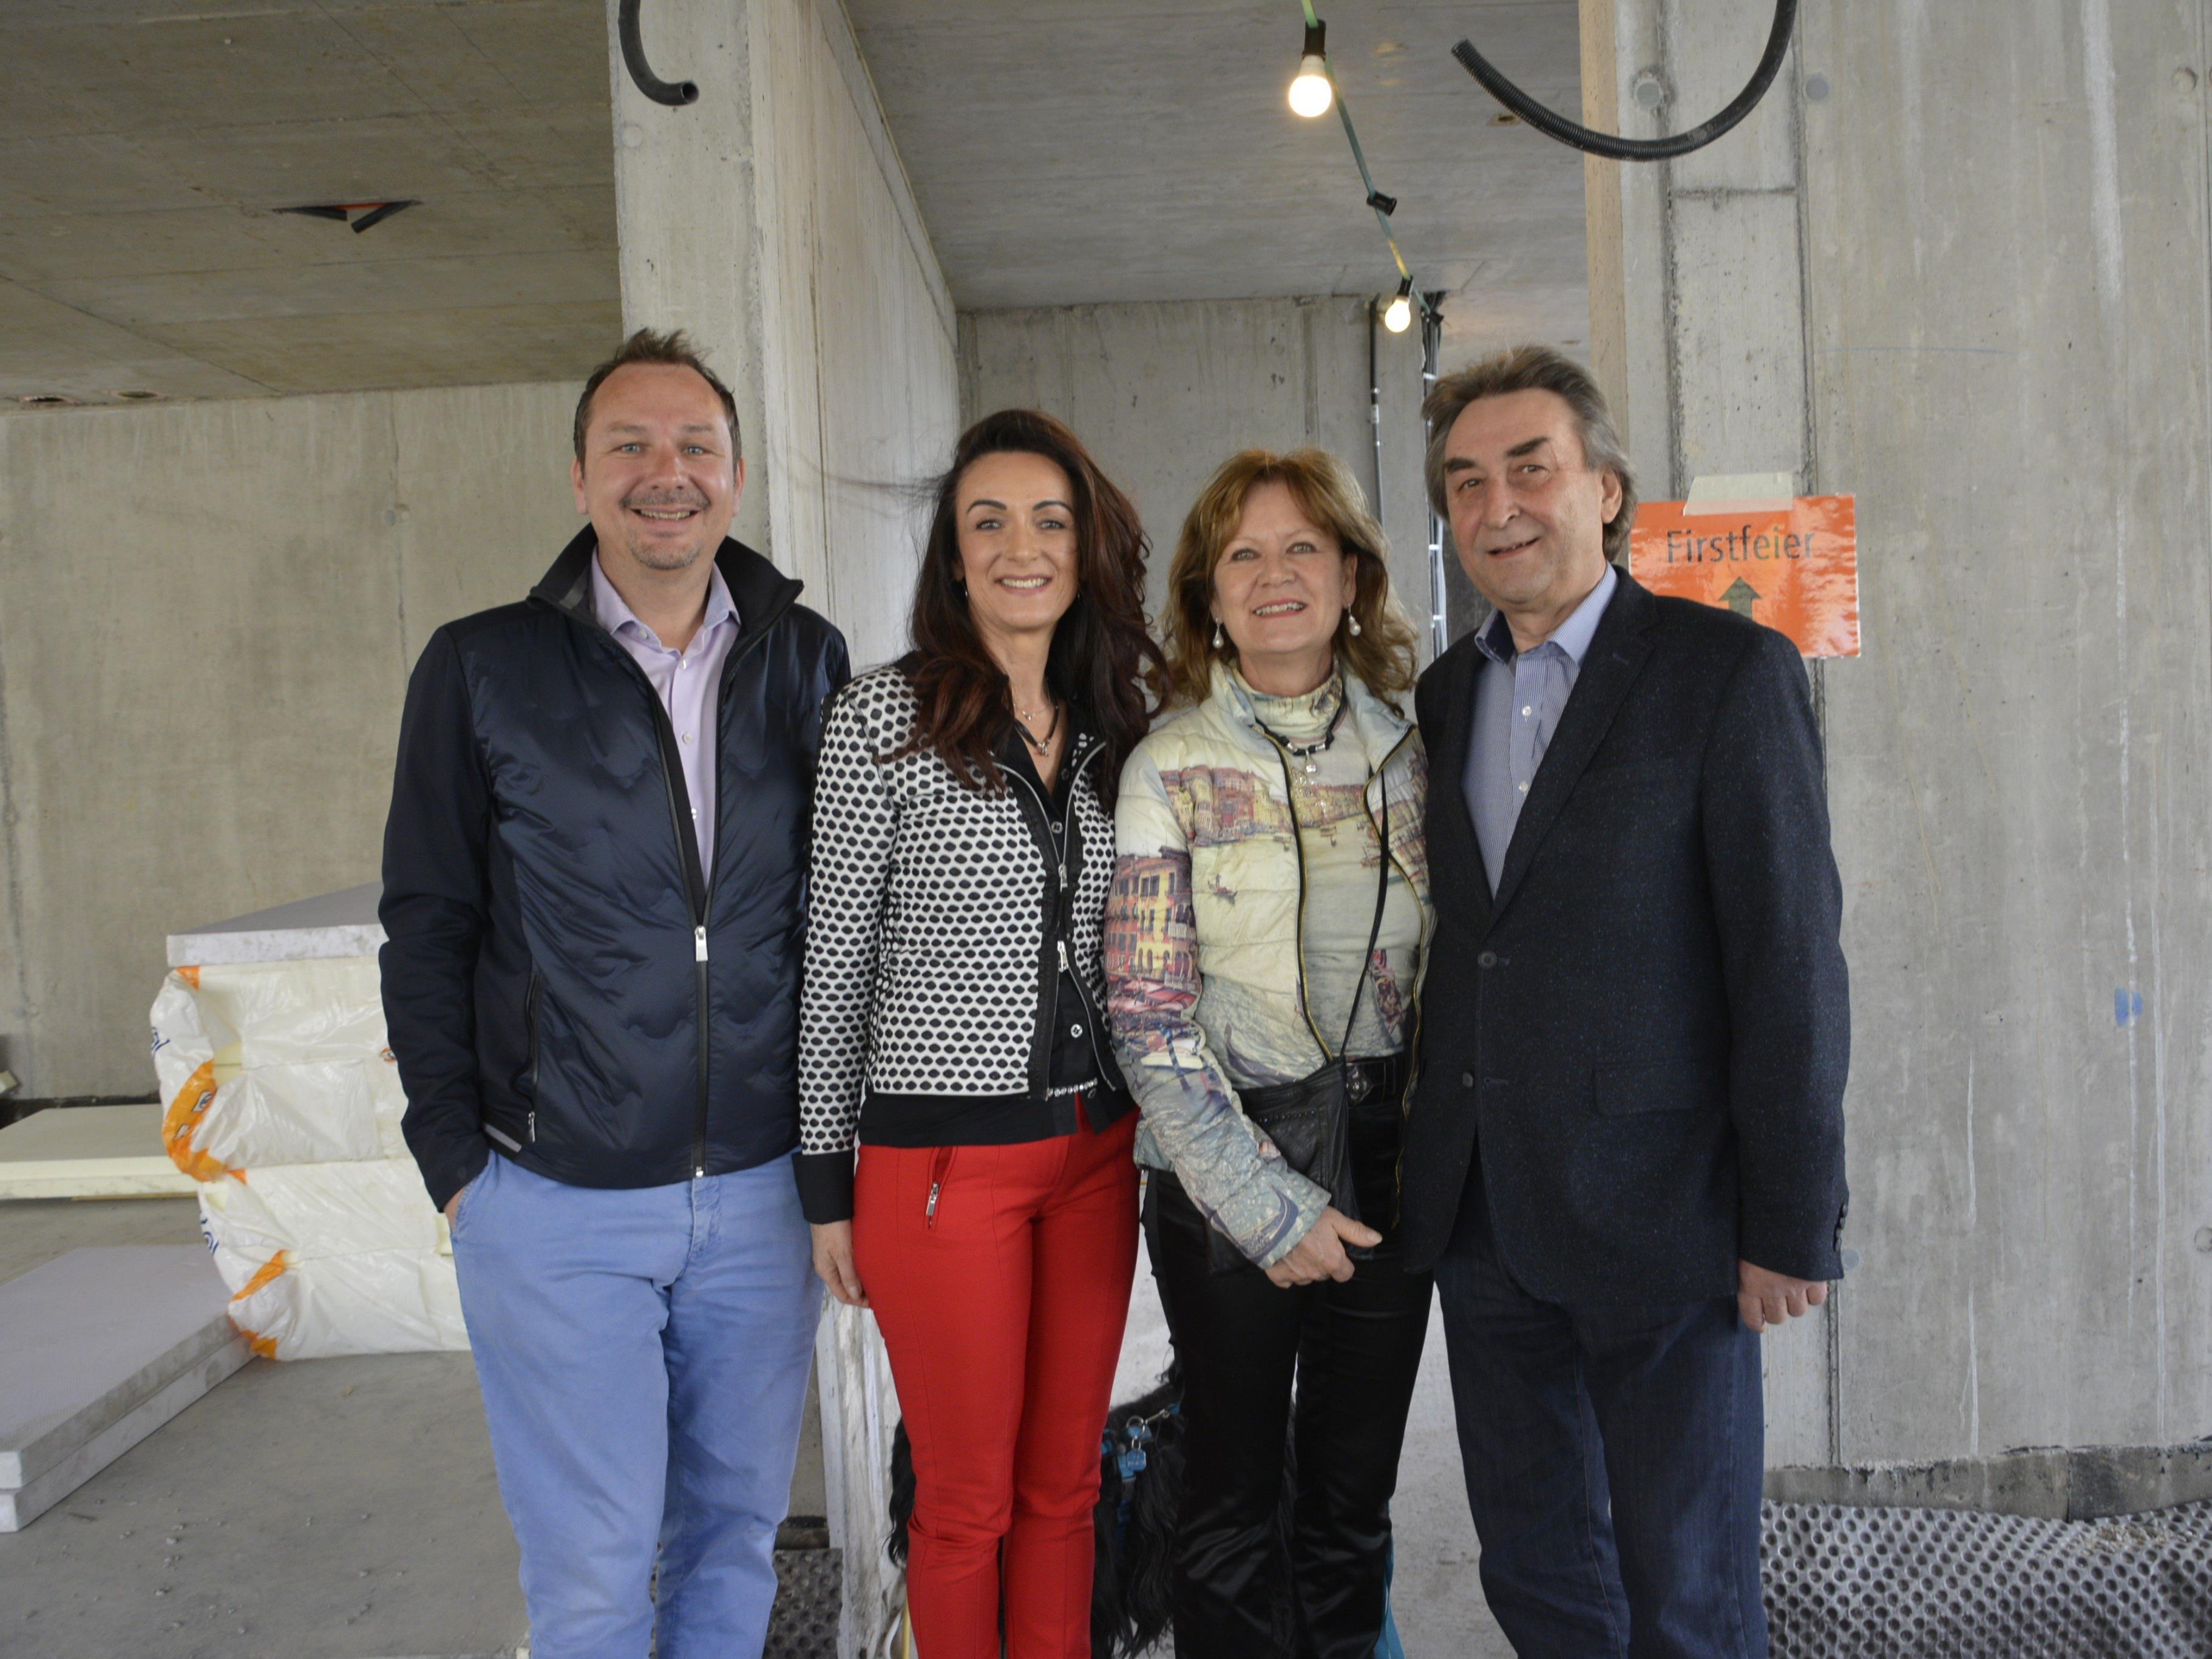 Das Team der Karrenblick Immobilien: Mag. Martin Kohler (GF), Angelika Alge, Johann Maugg (GF) mit Gattin Margitta.